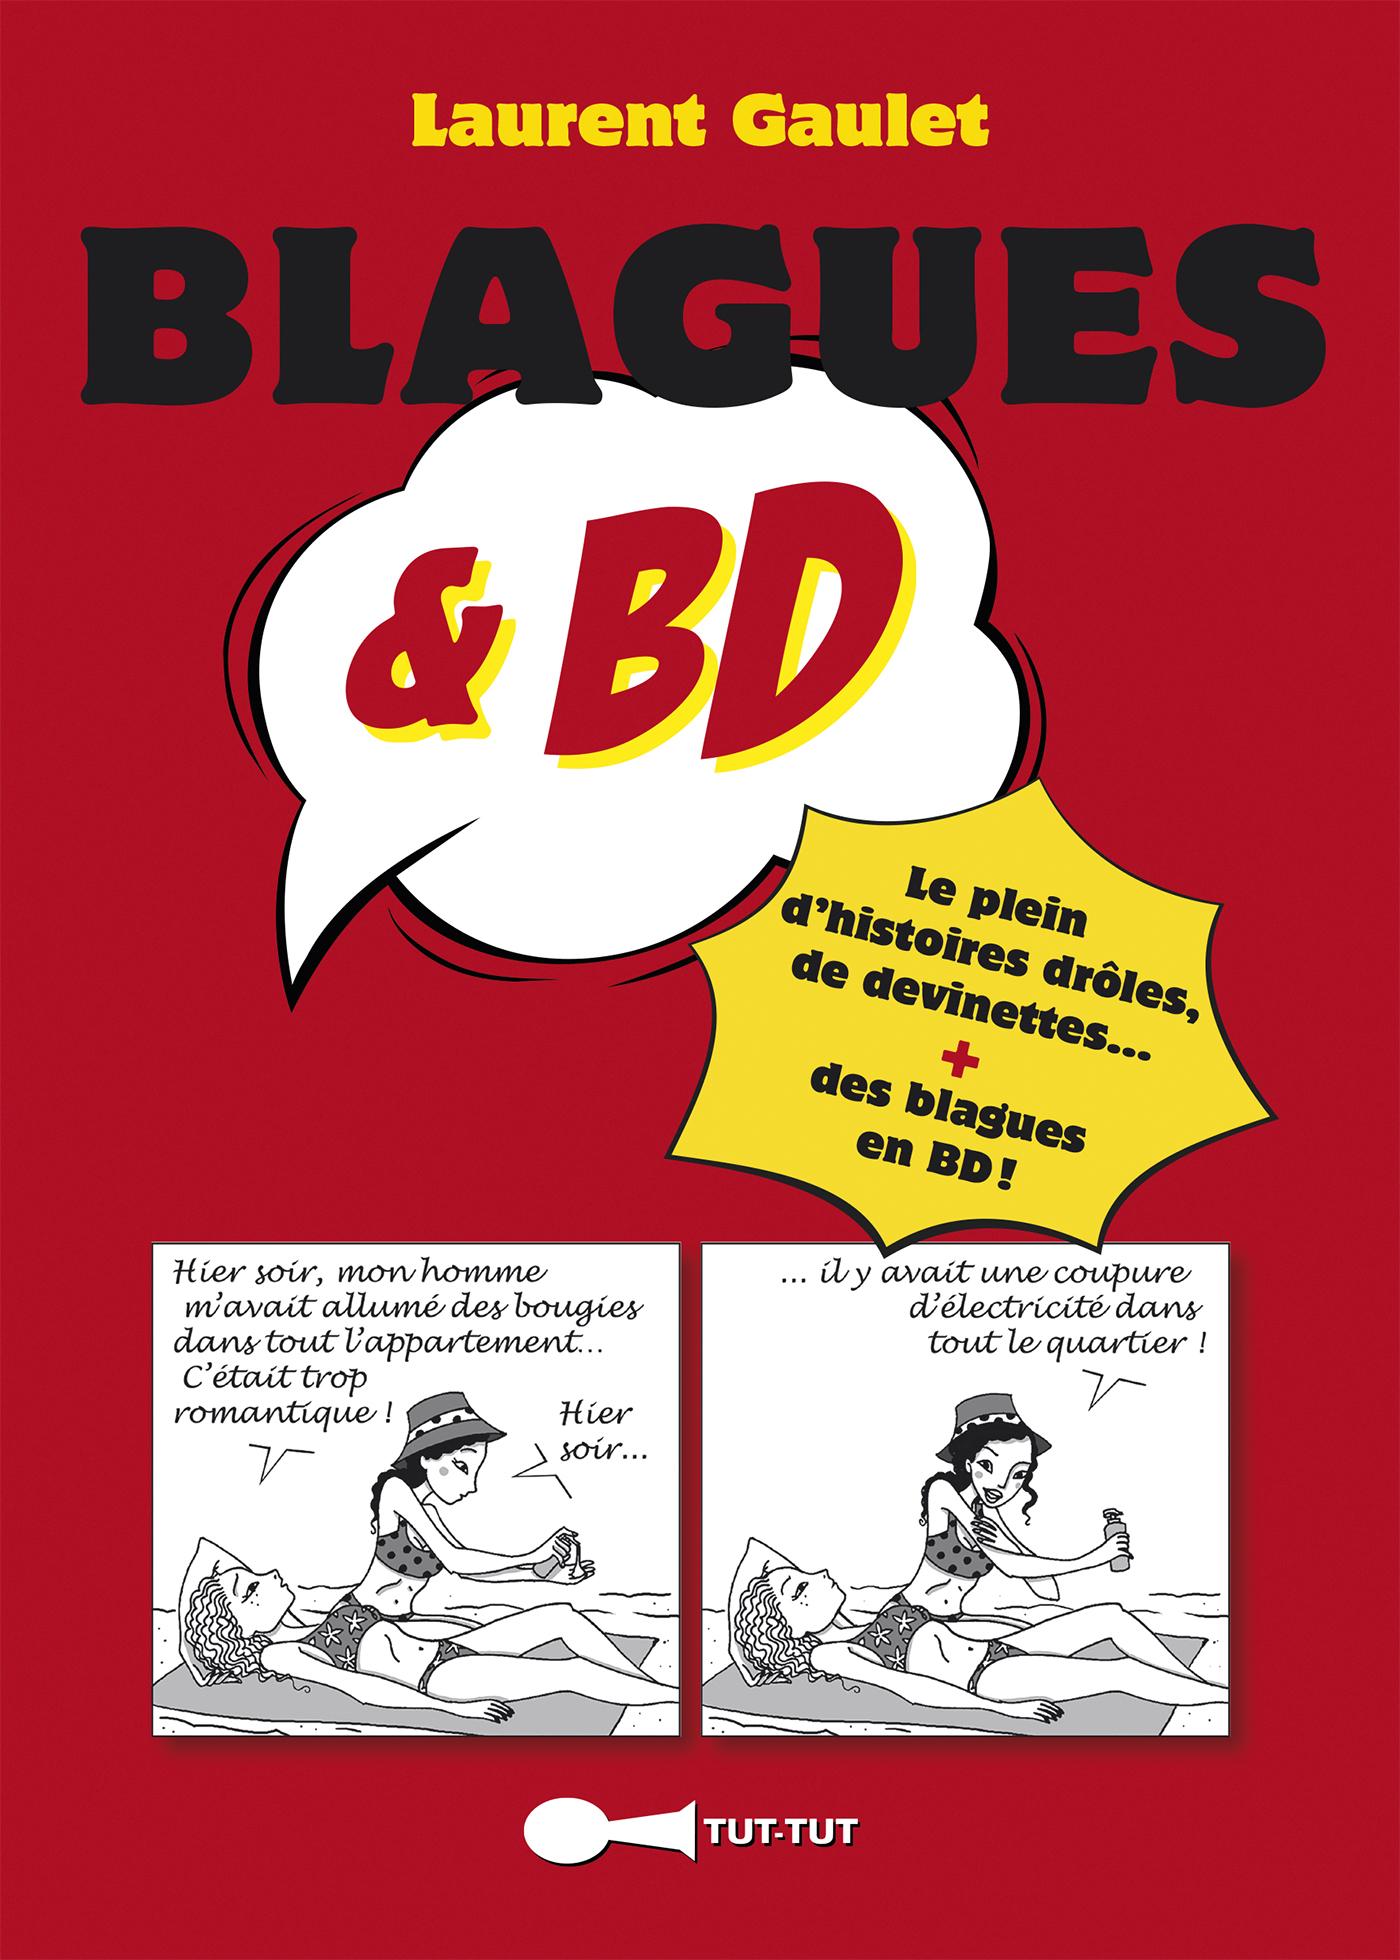 Leduc.s éditions : Blagues et BD - Le plein d'histoires drôles, de devinettes... + des blagues ...